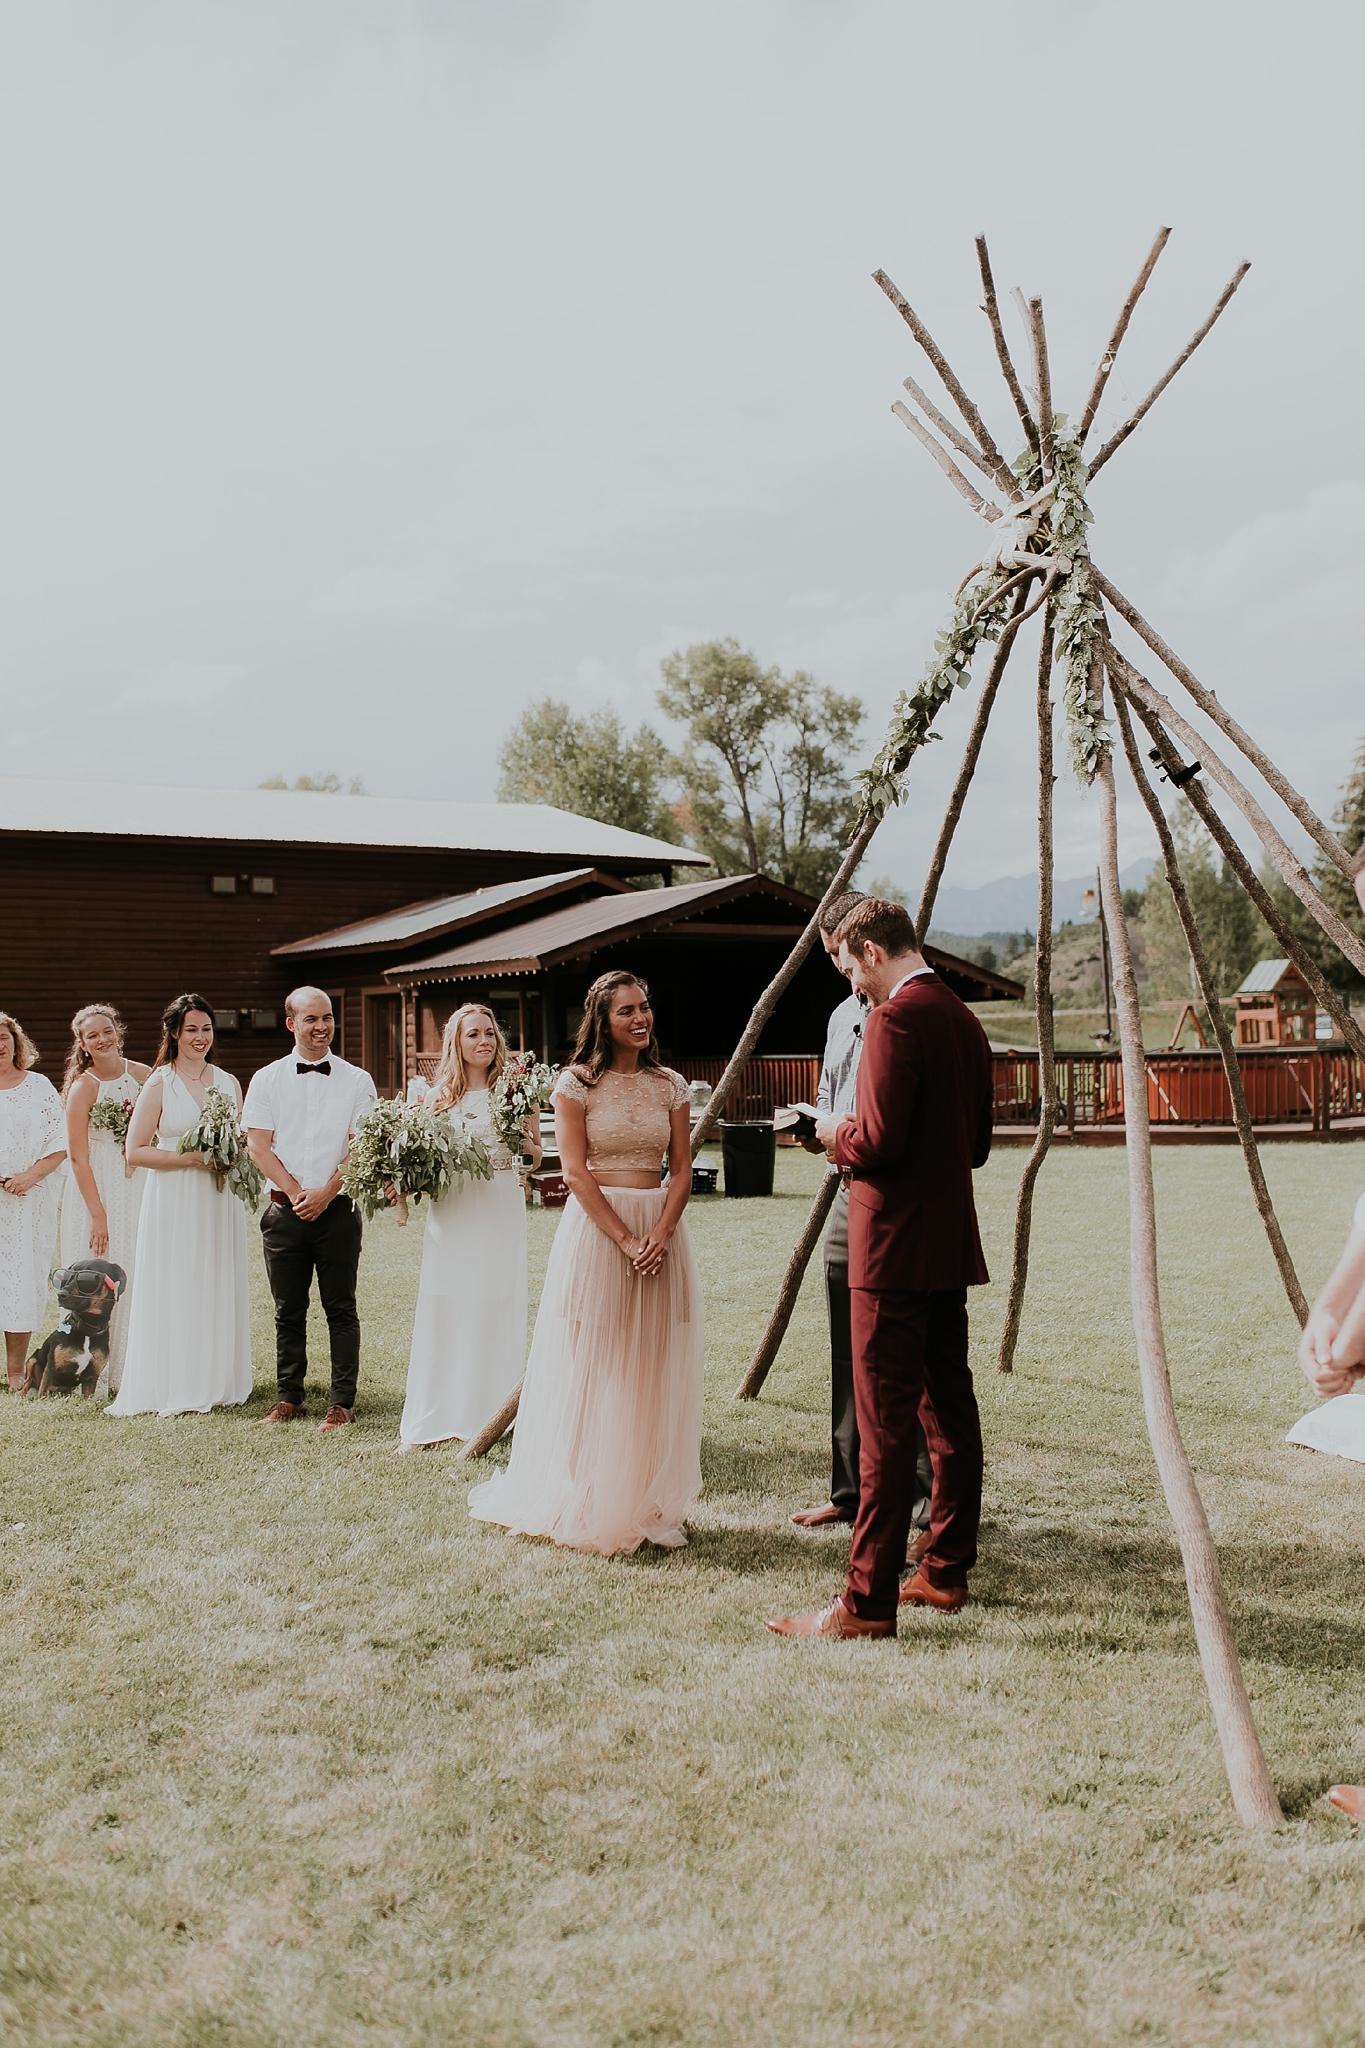 Alicia+lucia+photography+-+albuquerque+wedding+photographer+-+santa+fe+wedding+photography+-+new+mexico+wedding+photographer+-+wedding+ceremony+-+wedding+alter+-+floral+alter_0037.jpg